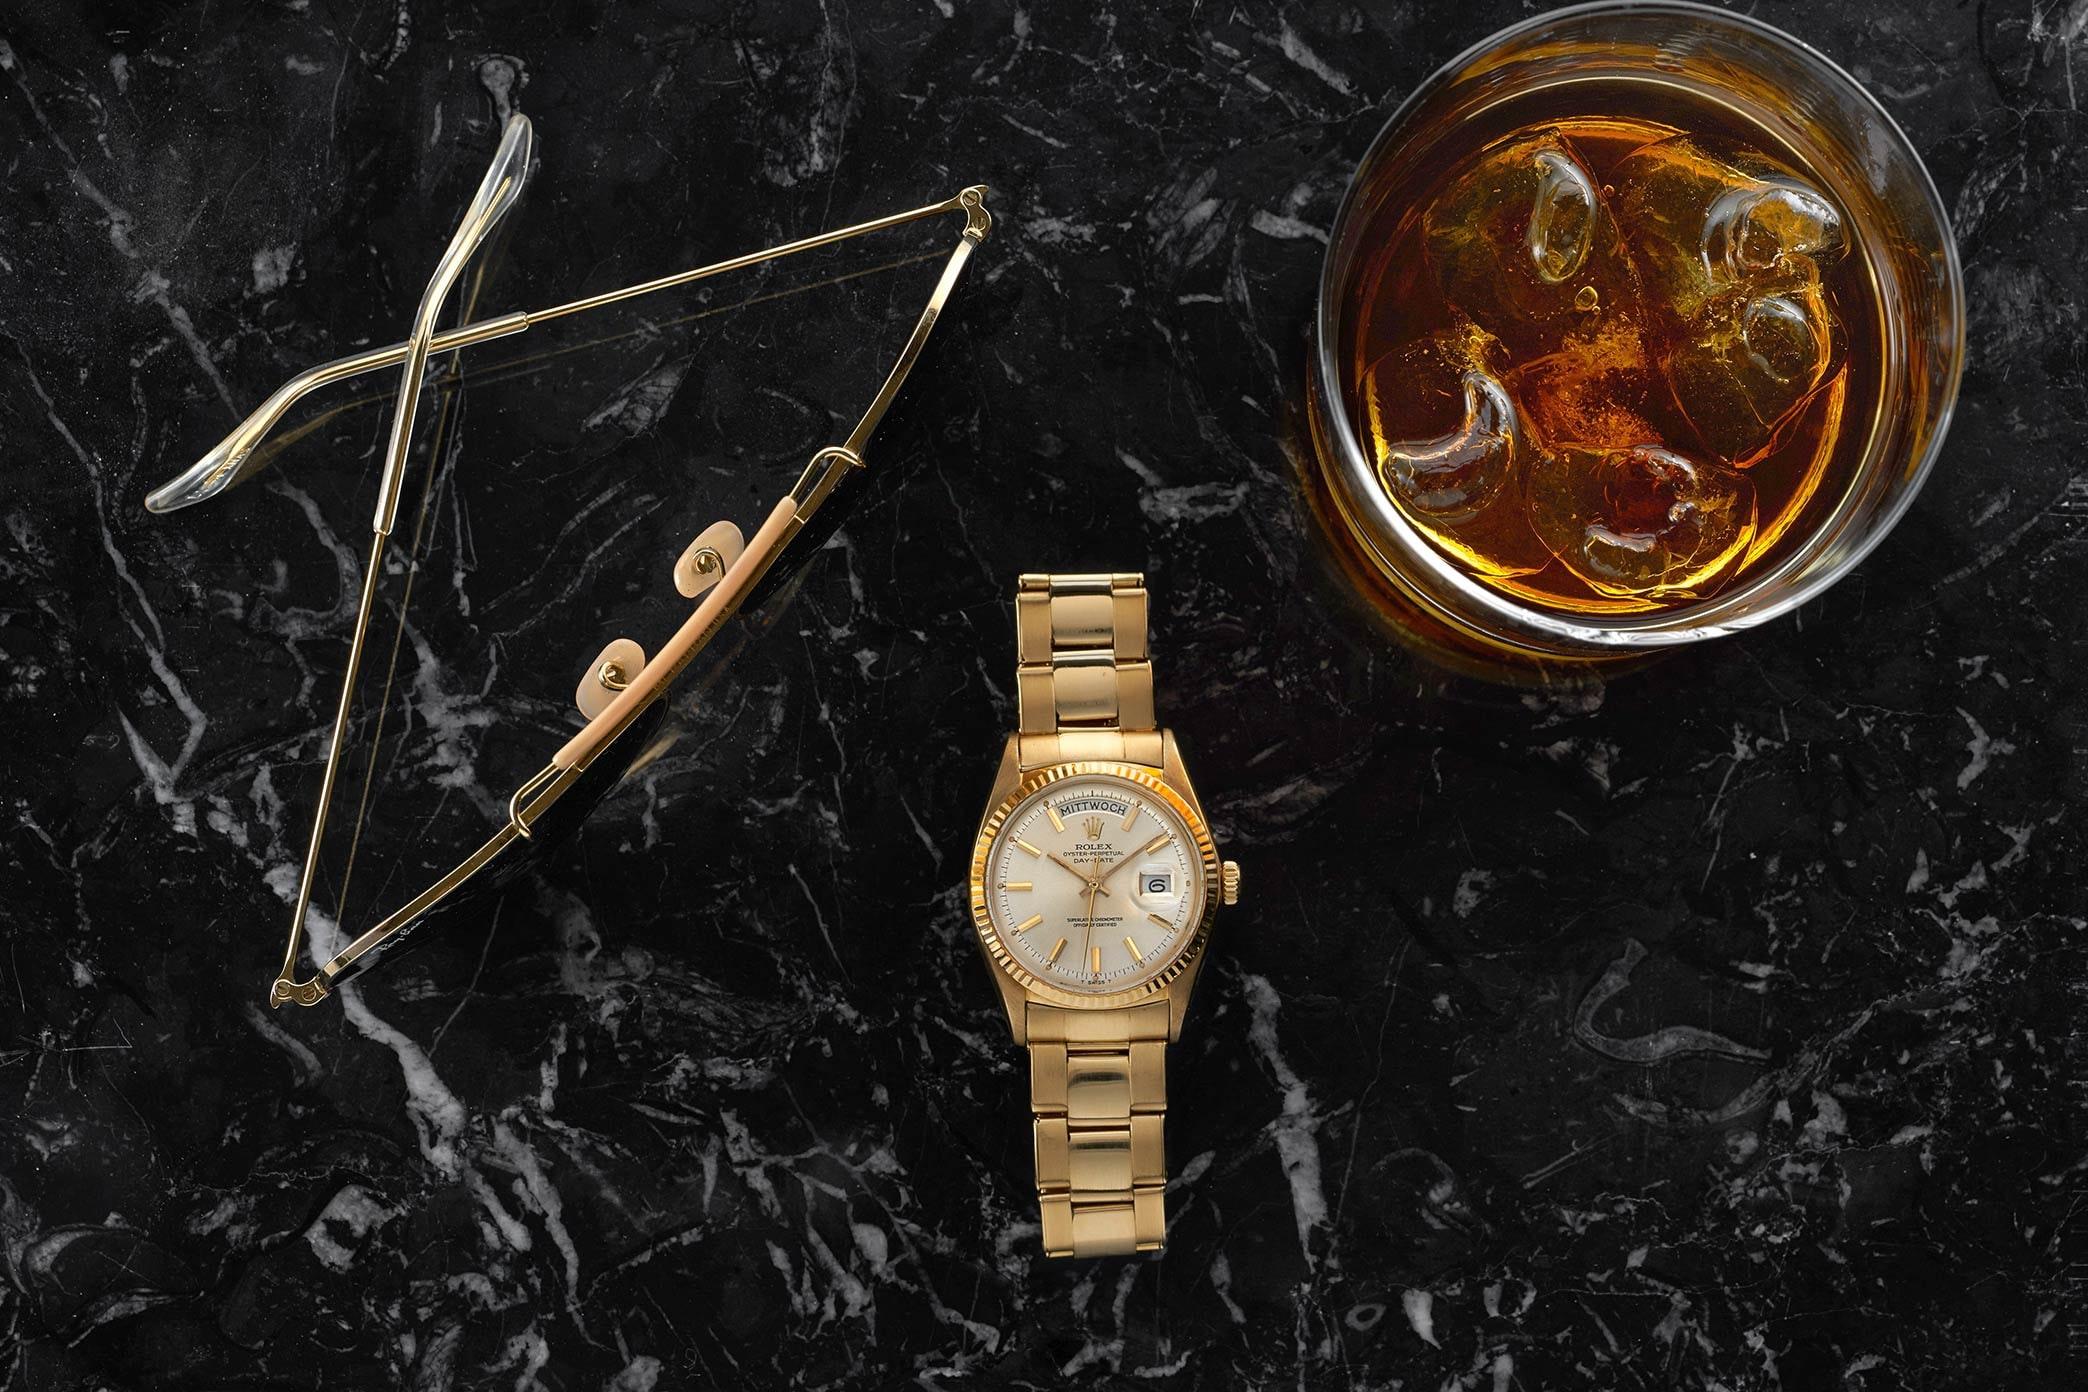 In The Shop: A 1950s Pink Gold Doxa Dato-Compax, A 1954 Ultra Thin Audemars Piguet Dress Watch, And A 1960s Universal Genève Uni-Compax In The Shop: A 1950s Pink Gold Doxa Dato-Compax, A 1954 Ultra Thin Audemars Piguet Dress Watch, And A 1960s Universal Genève Uni-Compax 121 RolexDayDateGerman LANDSCAPE